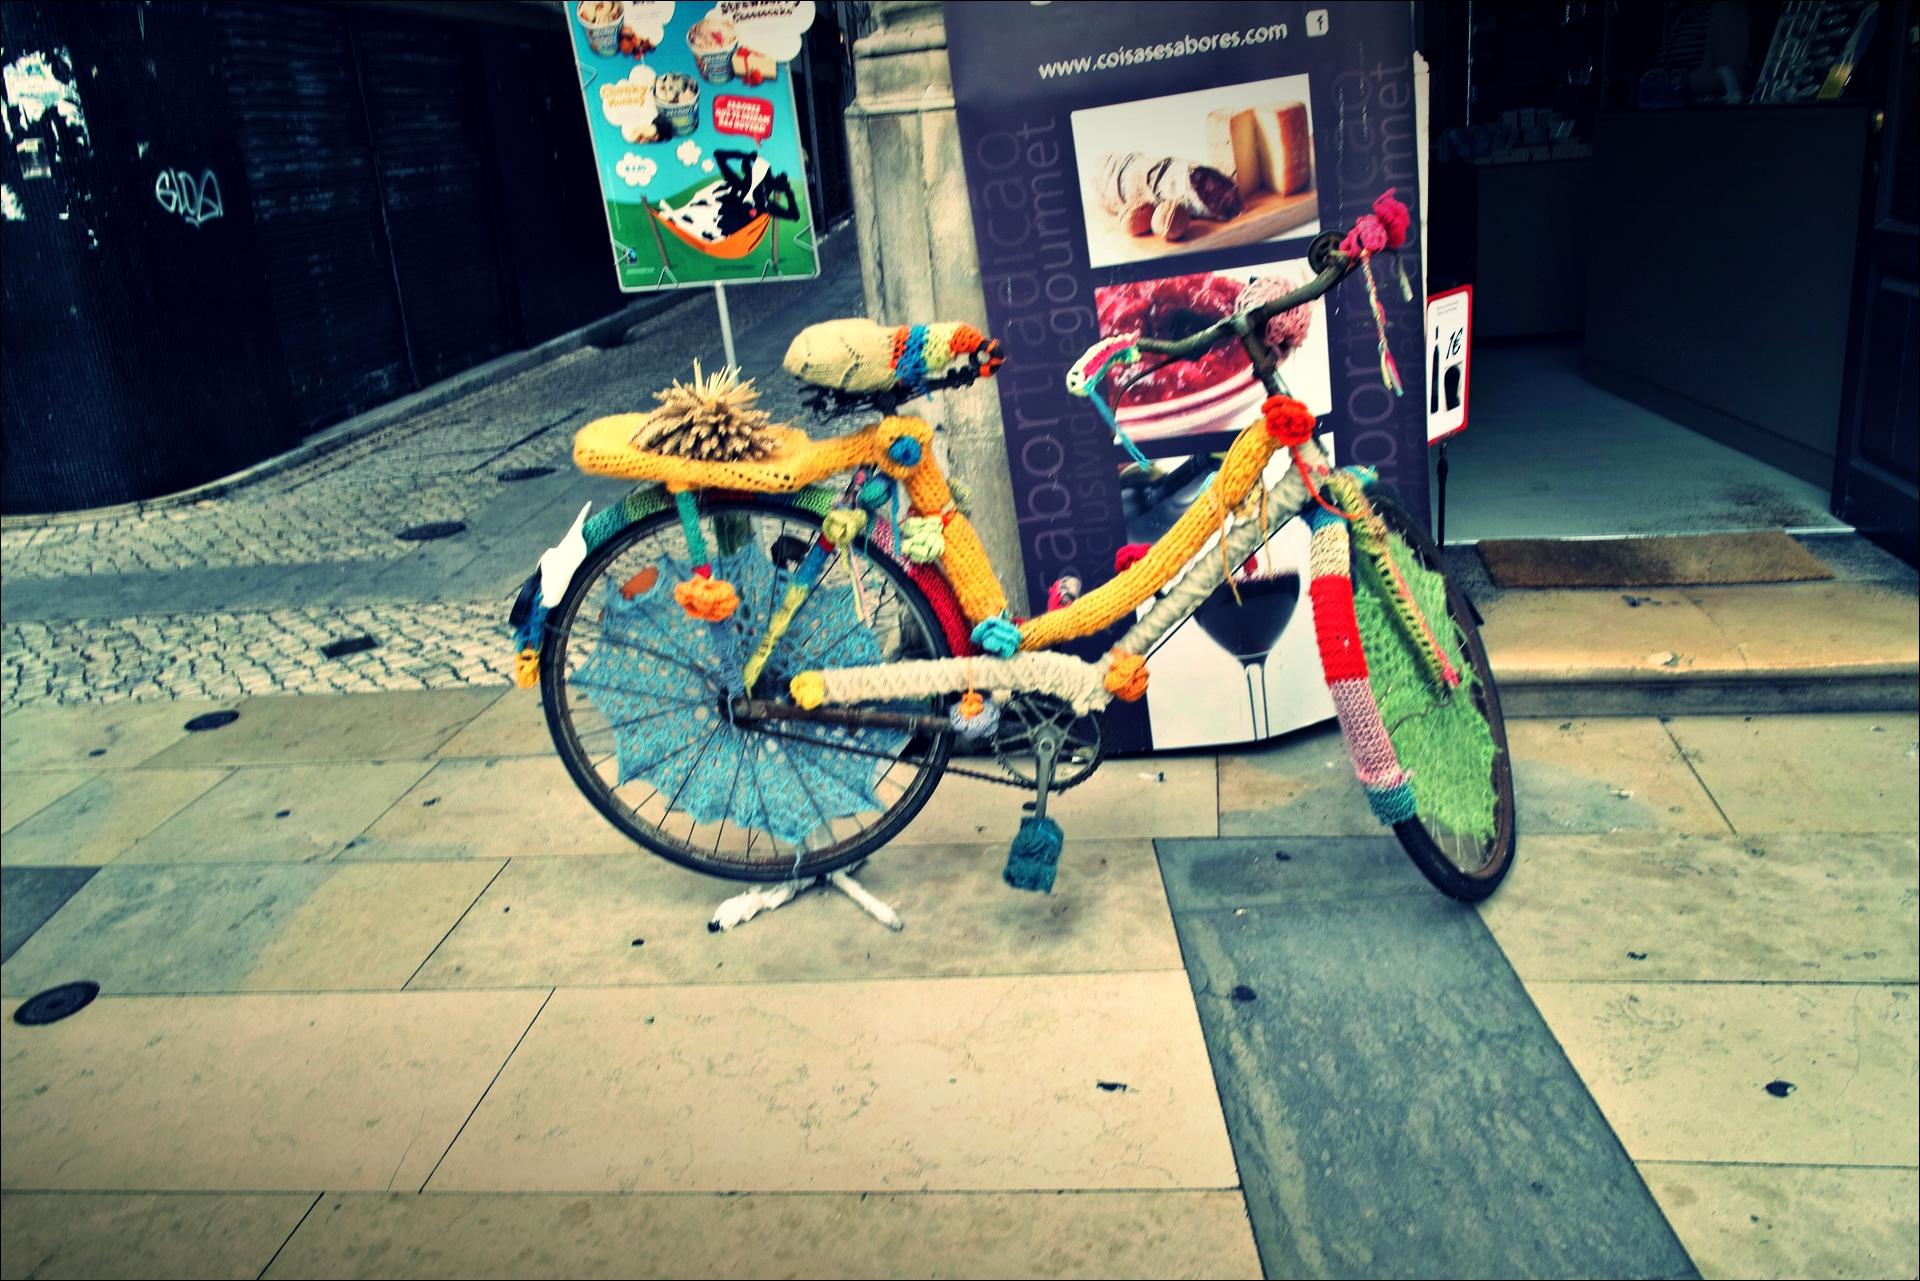 자전거-'코임브라 Coimbra'